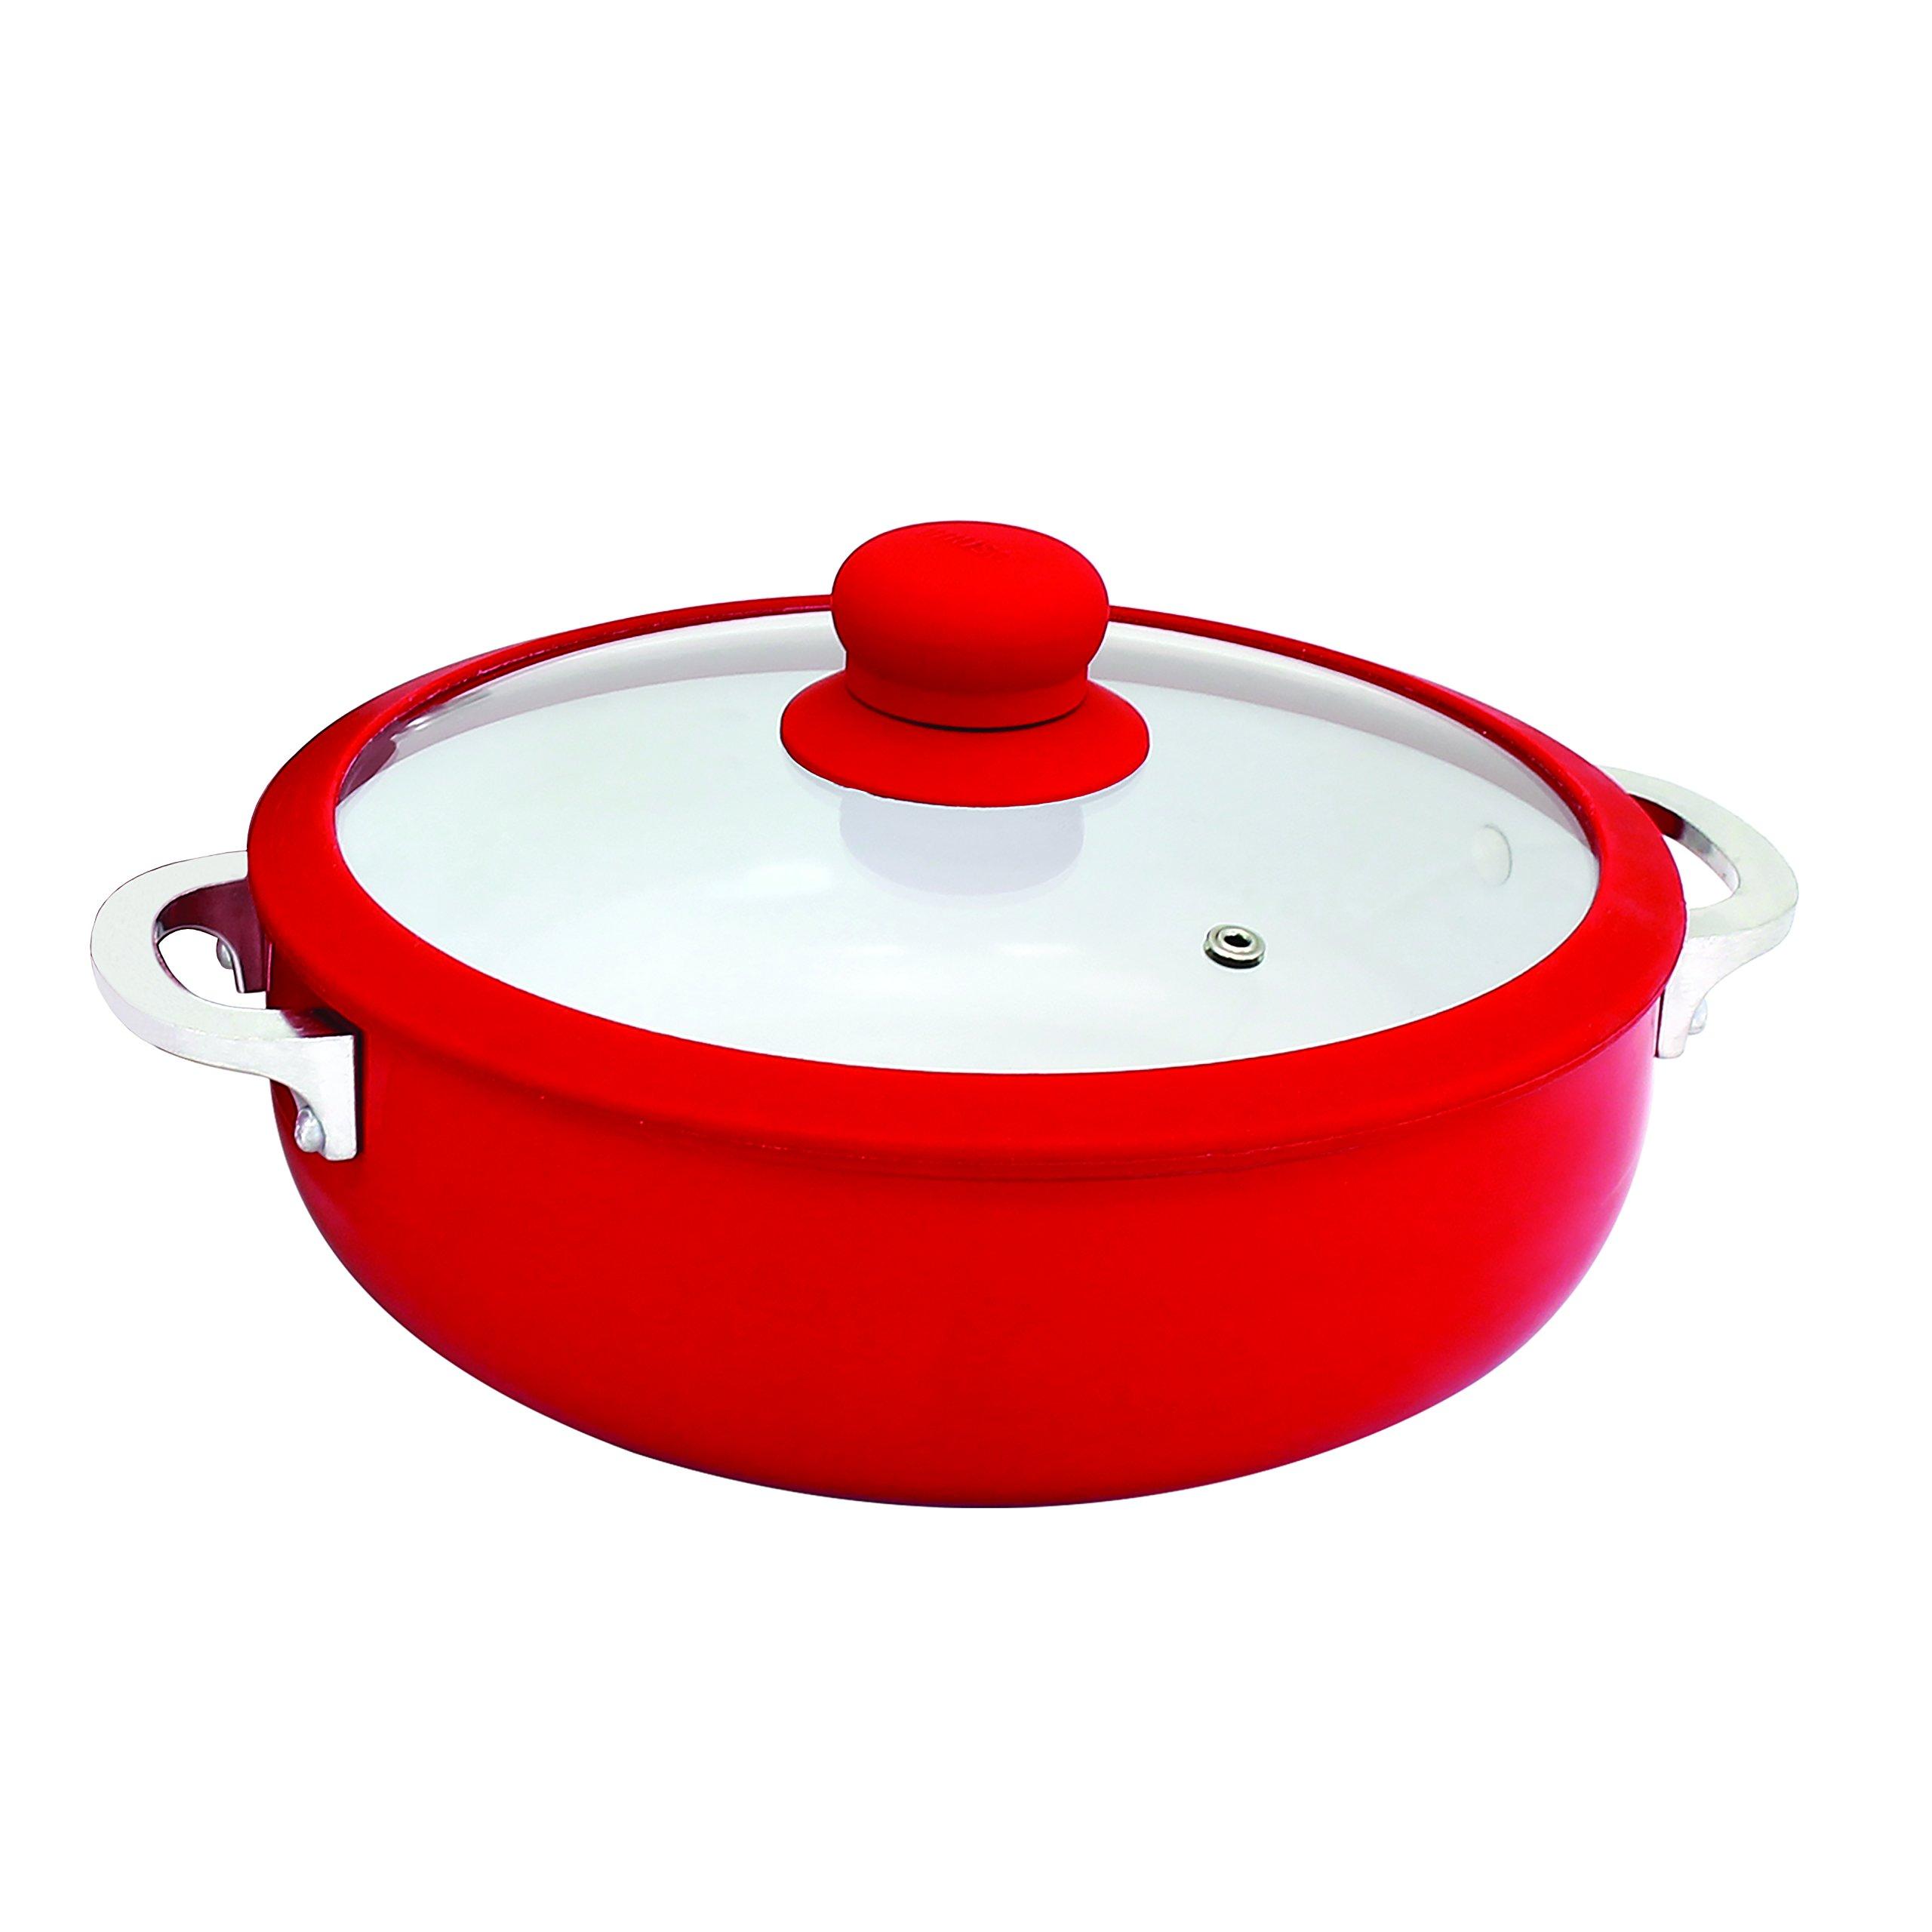 IMUSA USA CHI-00071R 3.2Qt Red Ceramic Nonstick Caldero (Dutch Oven) with Silicone Rim & Glass Lid by Imusa